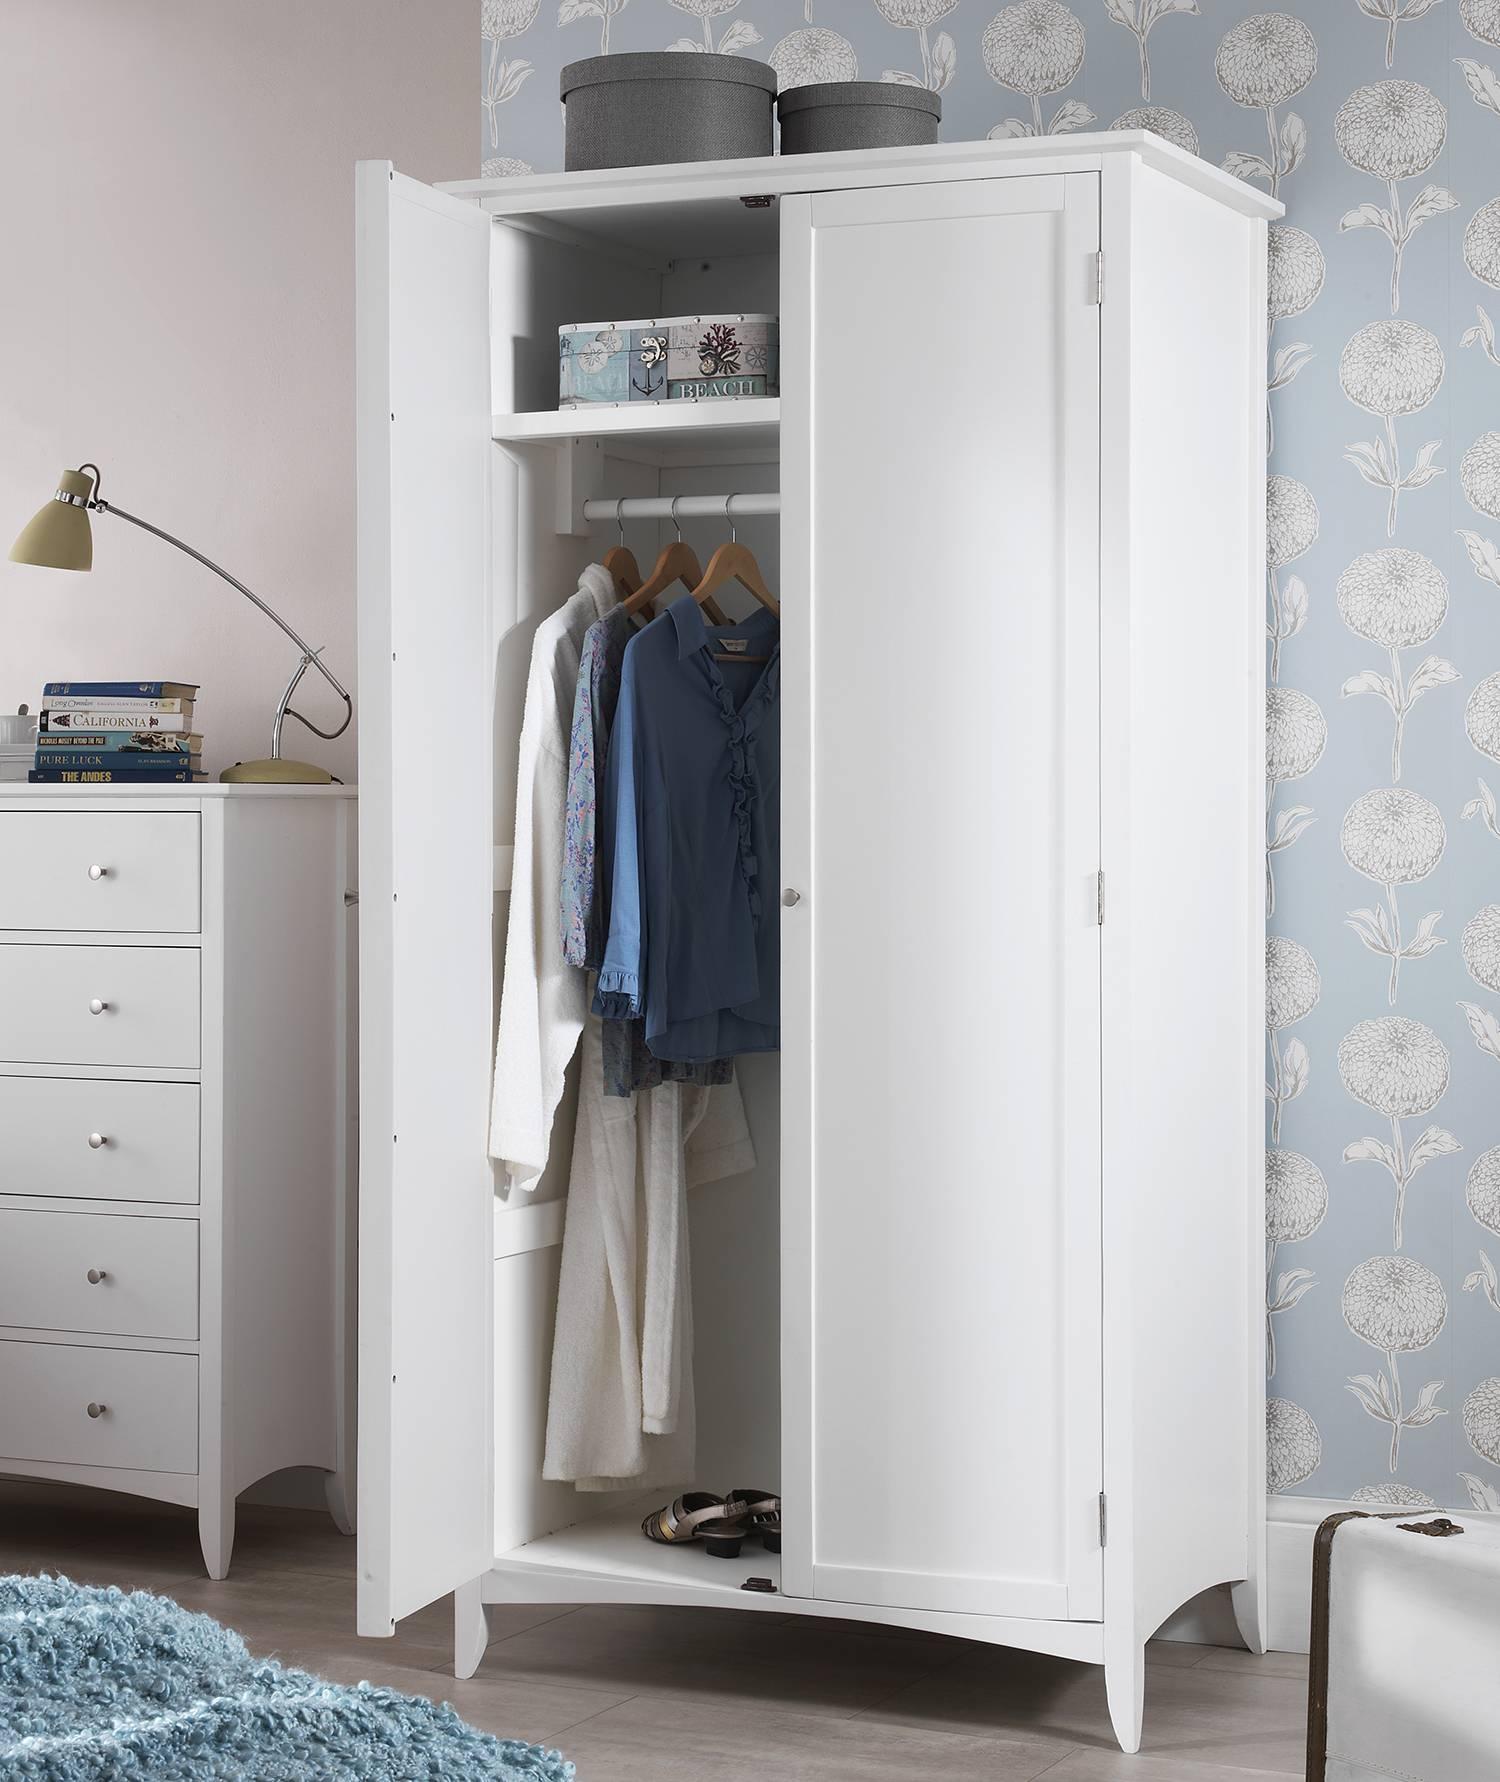 Edward Hopper White Double Wardrobe, Quality Large Wardrobe, Shelf throughout Double Rail White Wardrobes (Image 5 of 21)